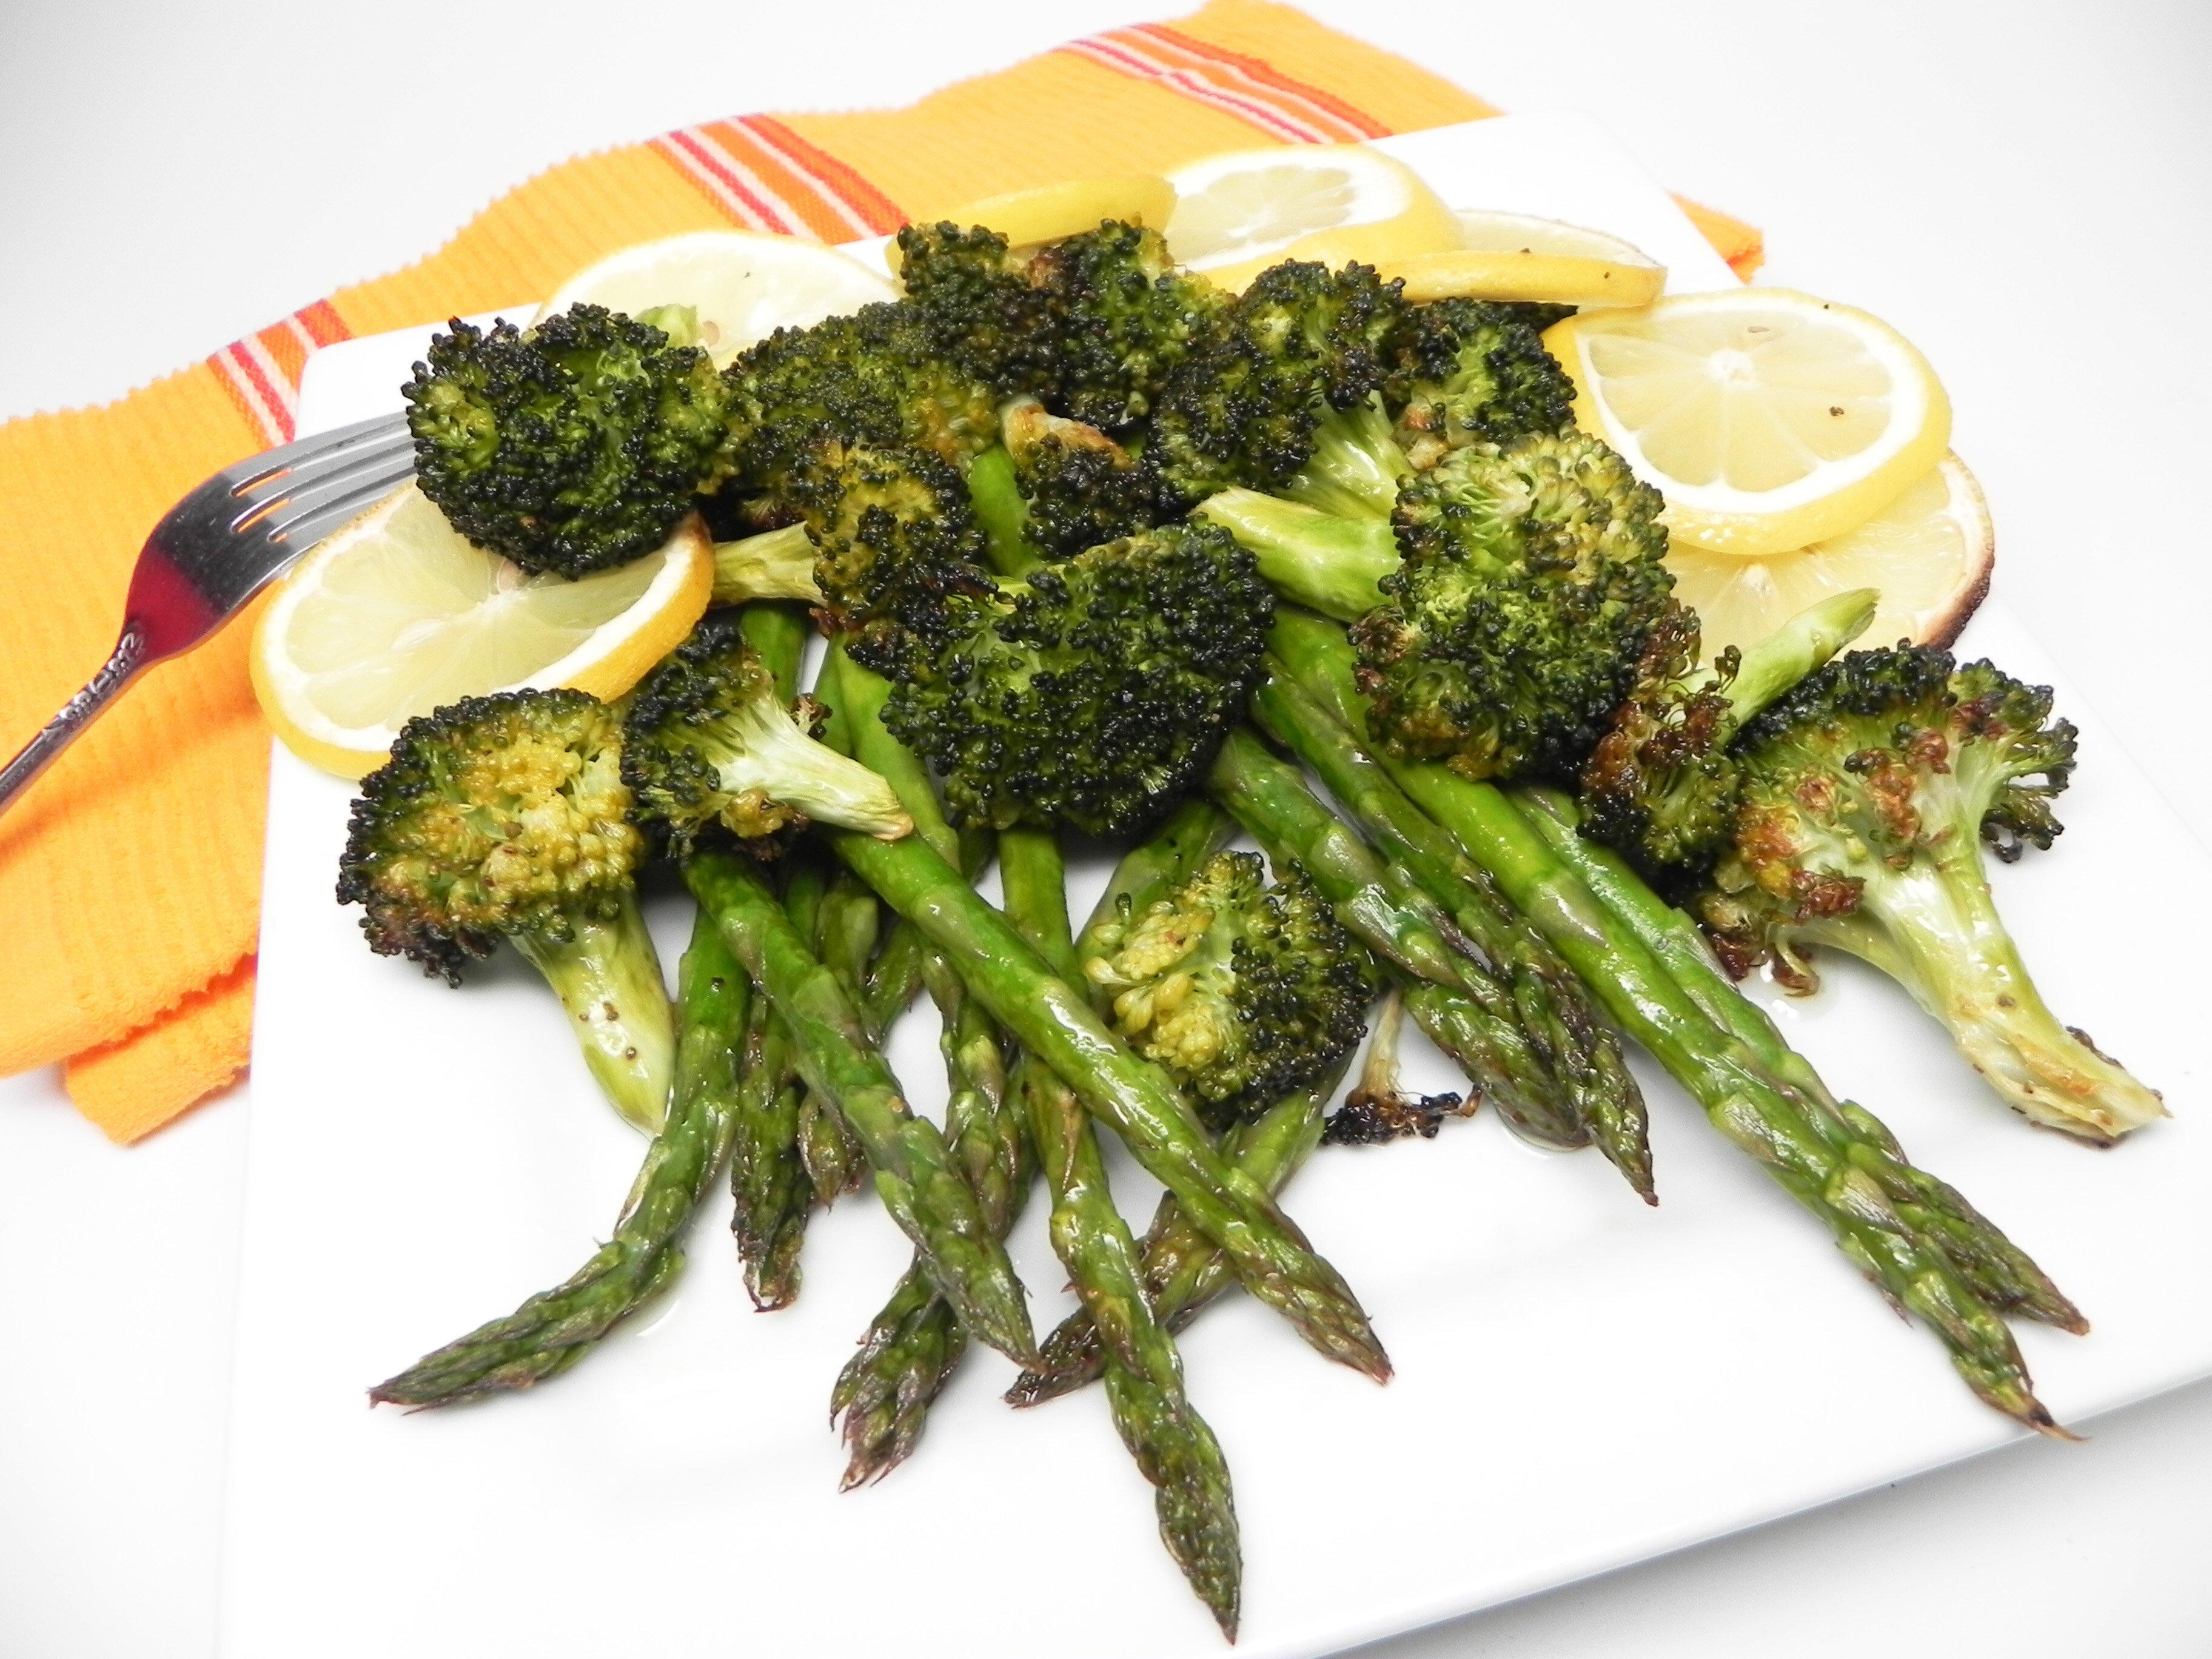 lemon roasted broccoli and asparagus